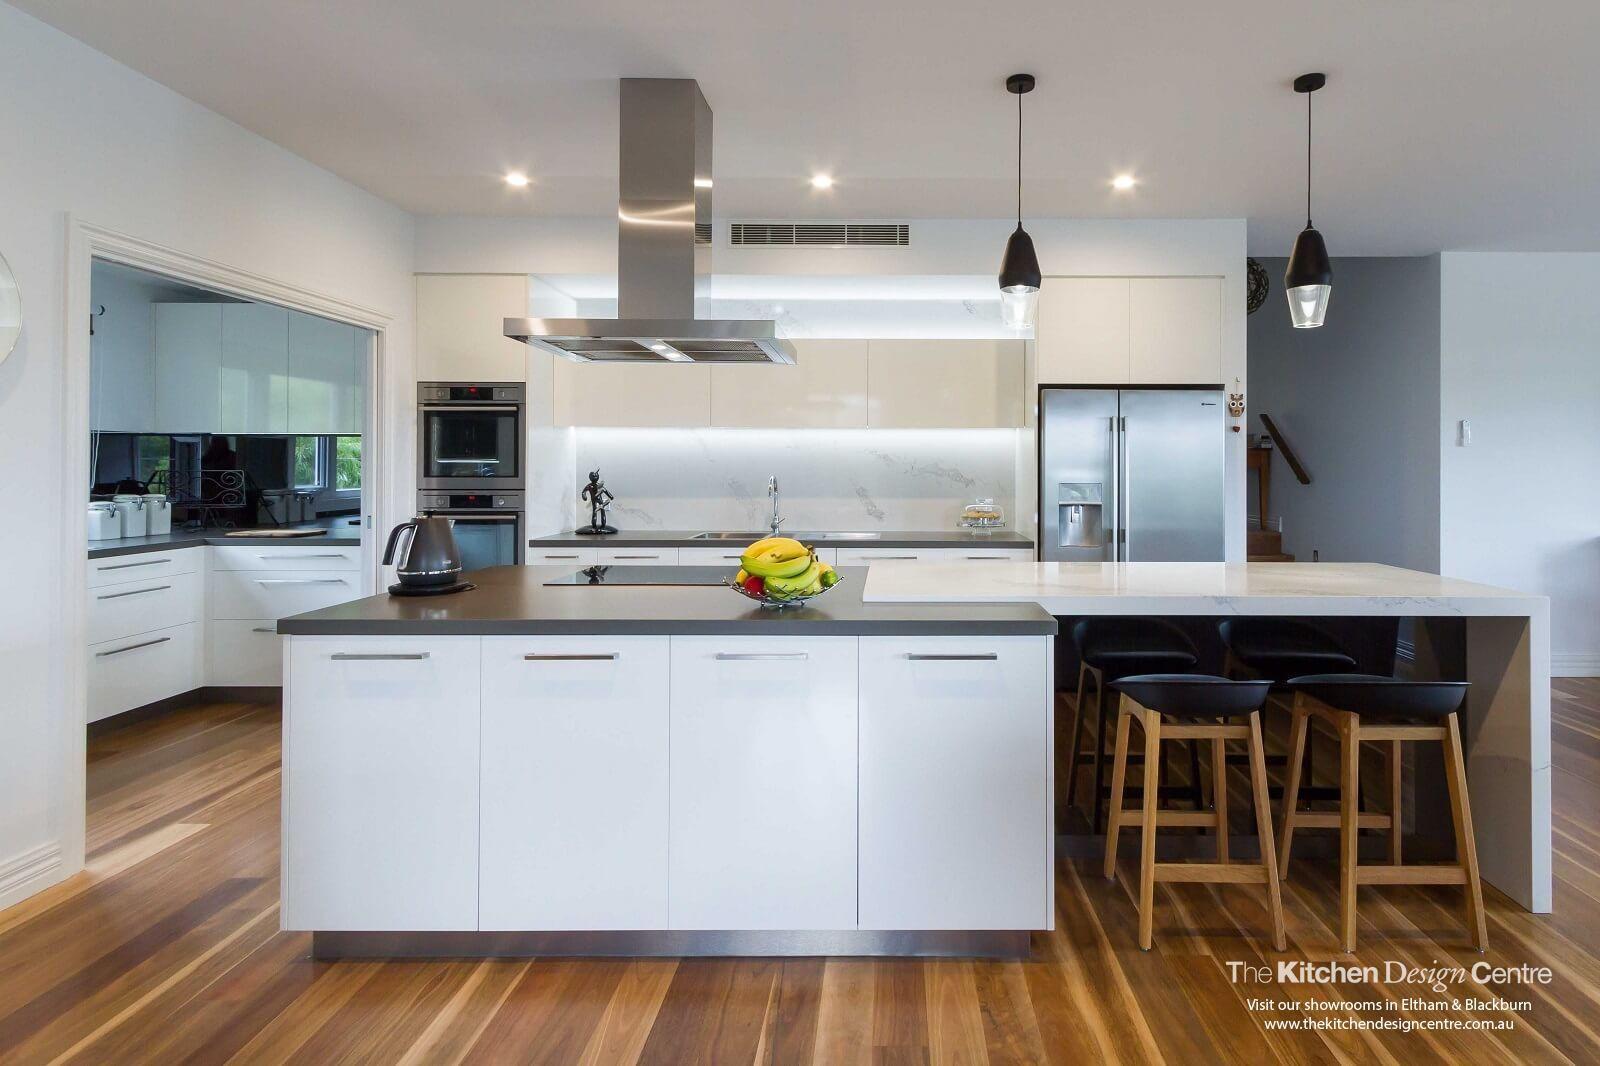 The Kitchen Design Centre are Melbourne's leading kitchen design ...